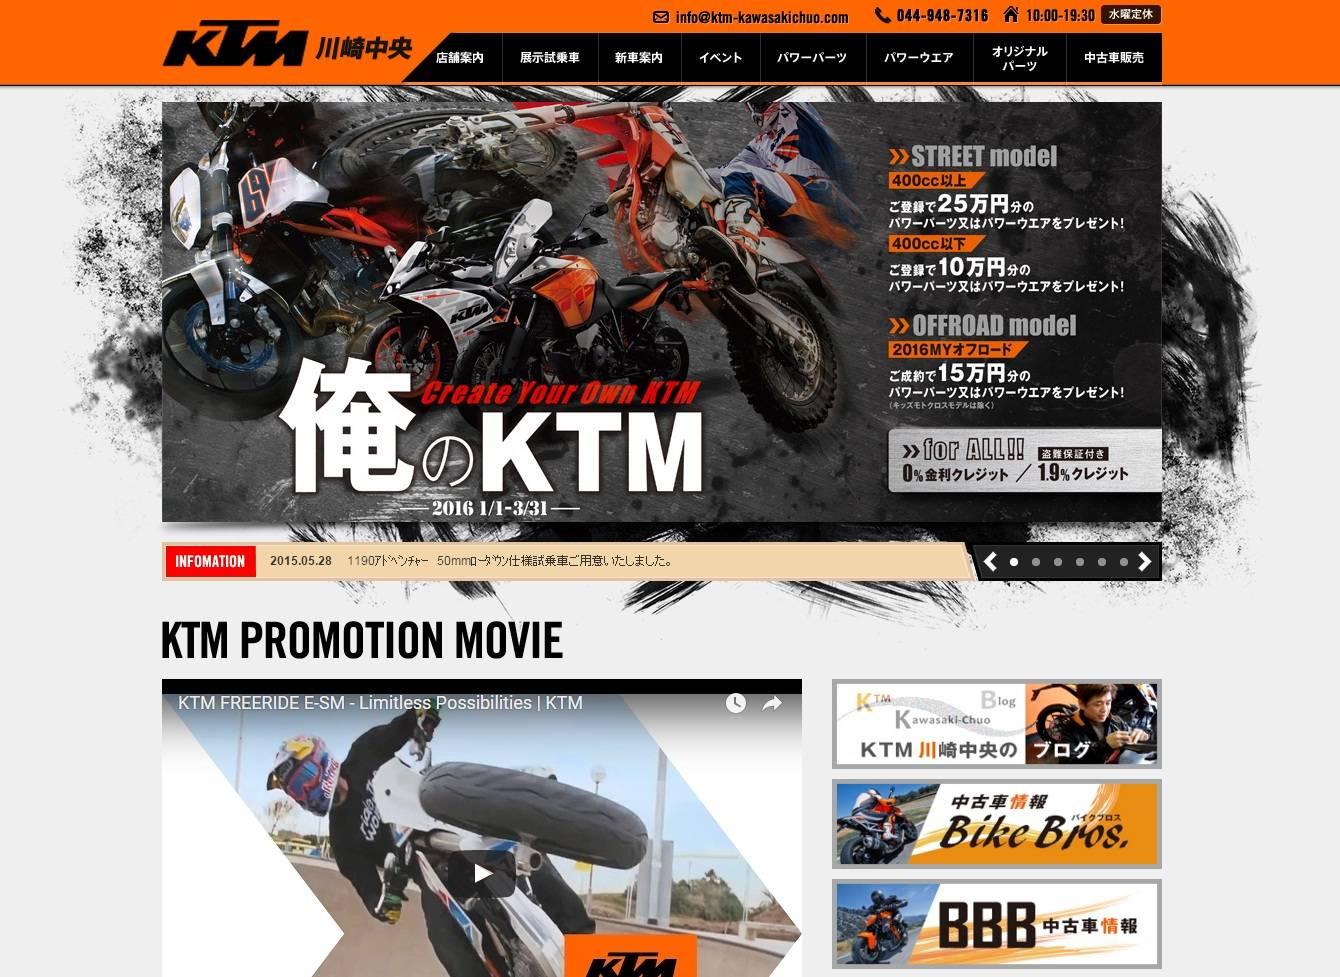 KTM川崎中央